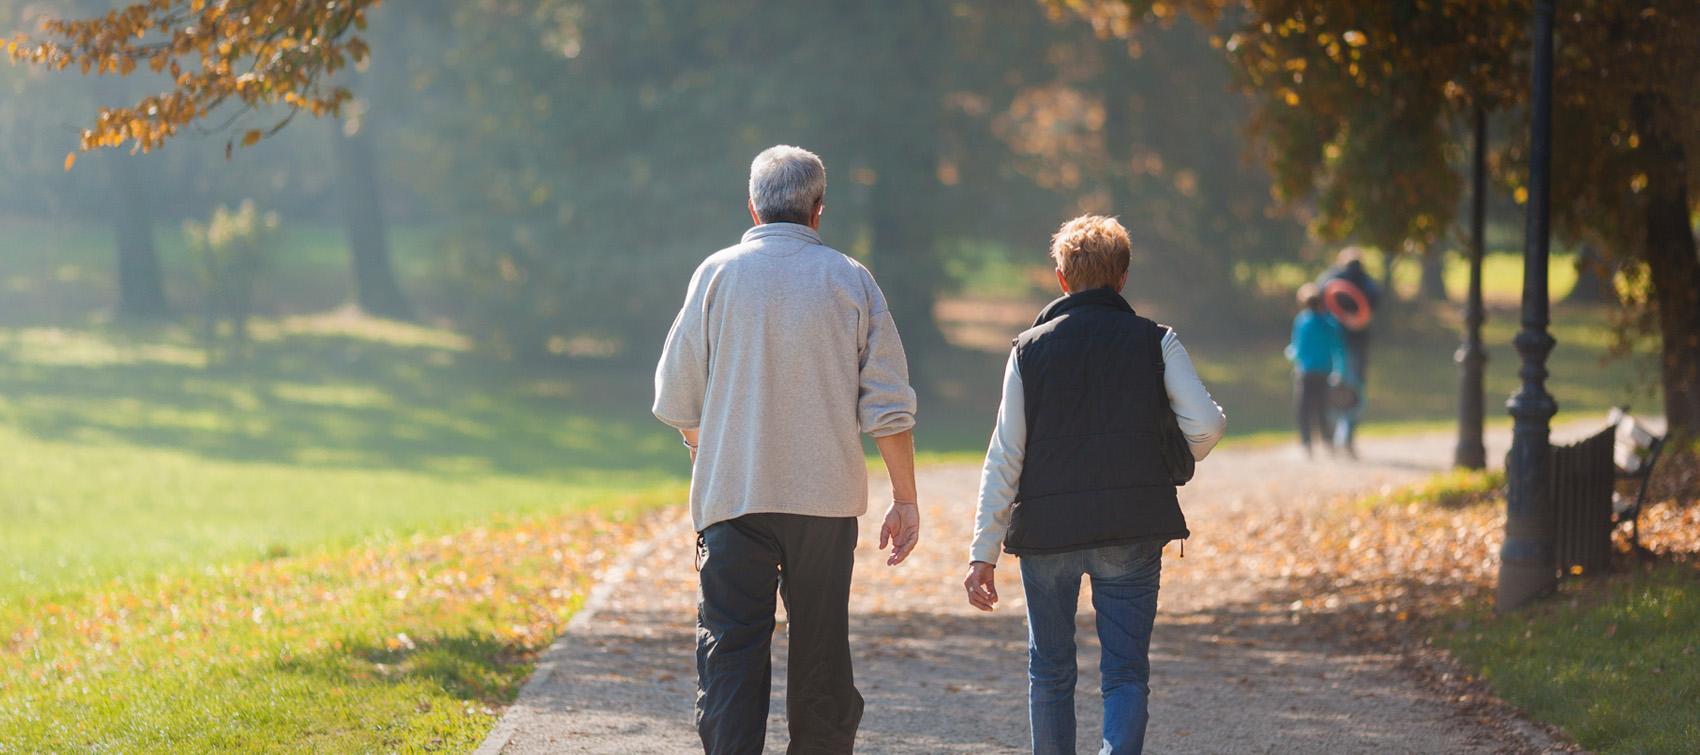 Senioren bei einem Parkspaziergang